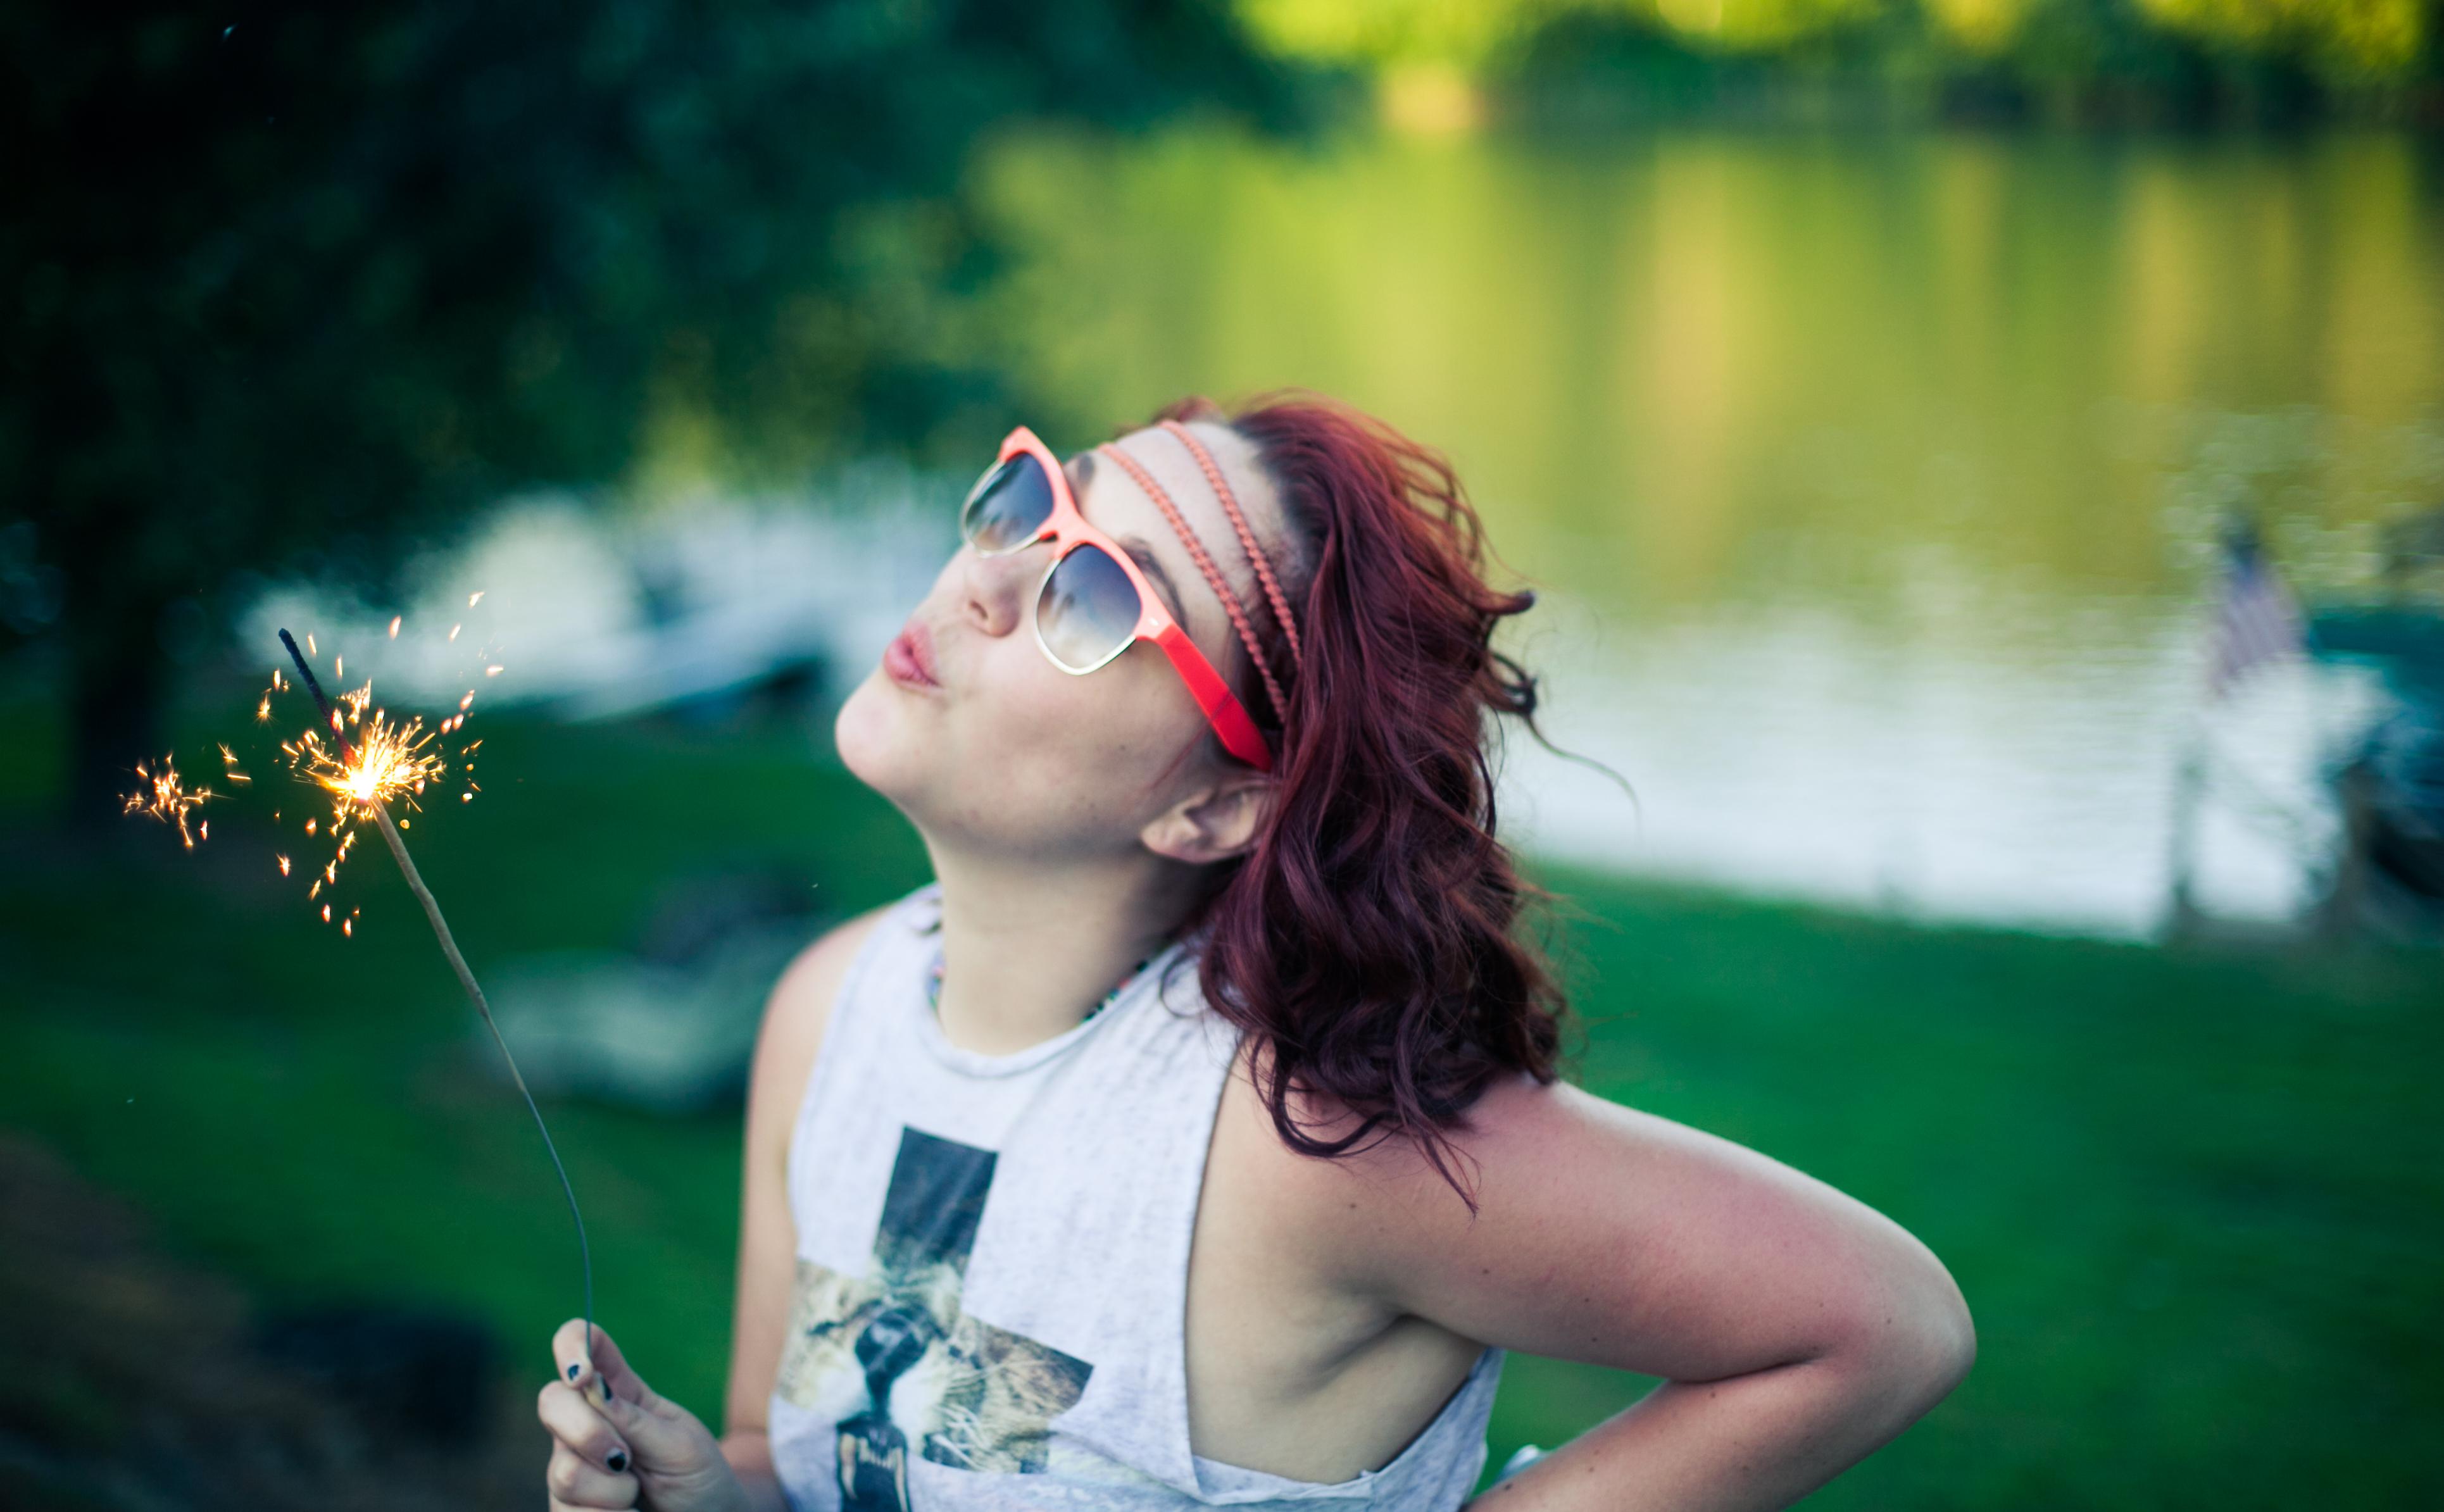 блоге как фотографировать портреты в солнечную погоду нравится, когда